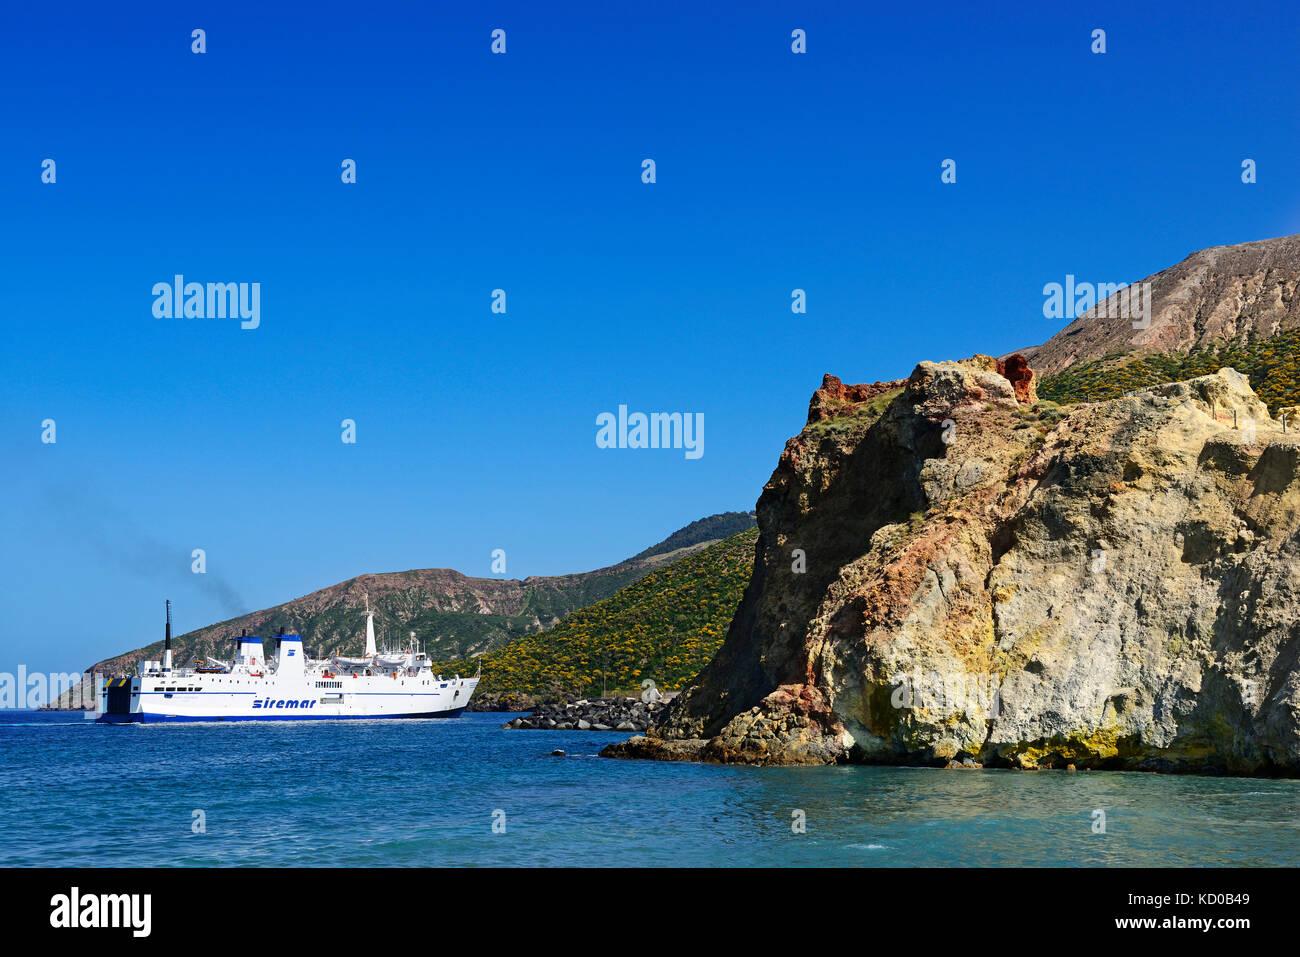 Traghetto al porto, isola di Vulcano, Lipari, Italia Immagini Stock